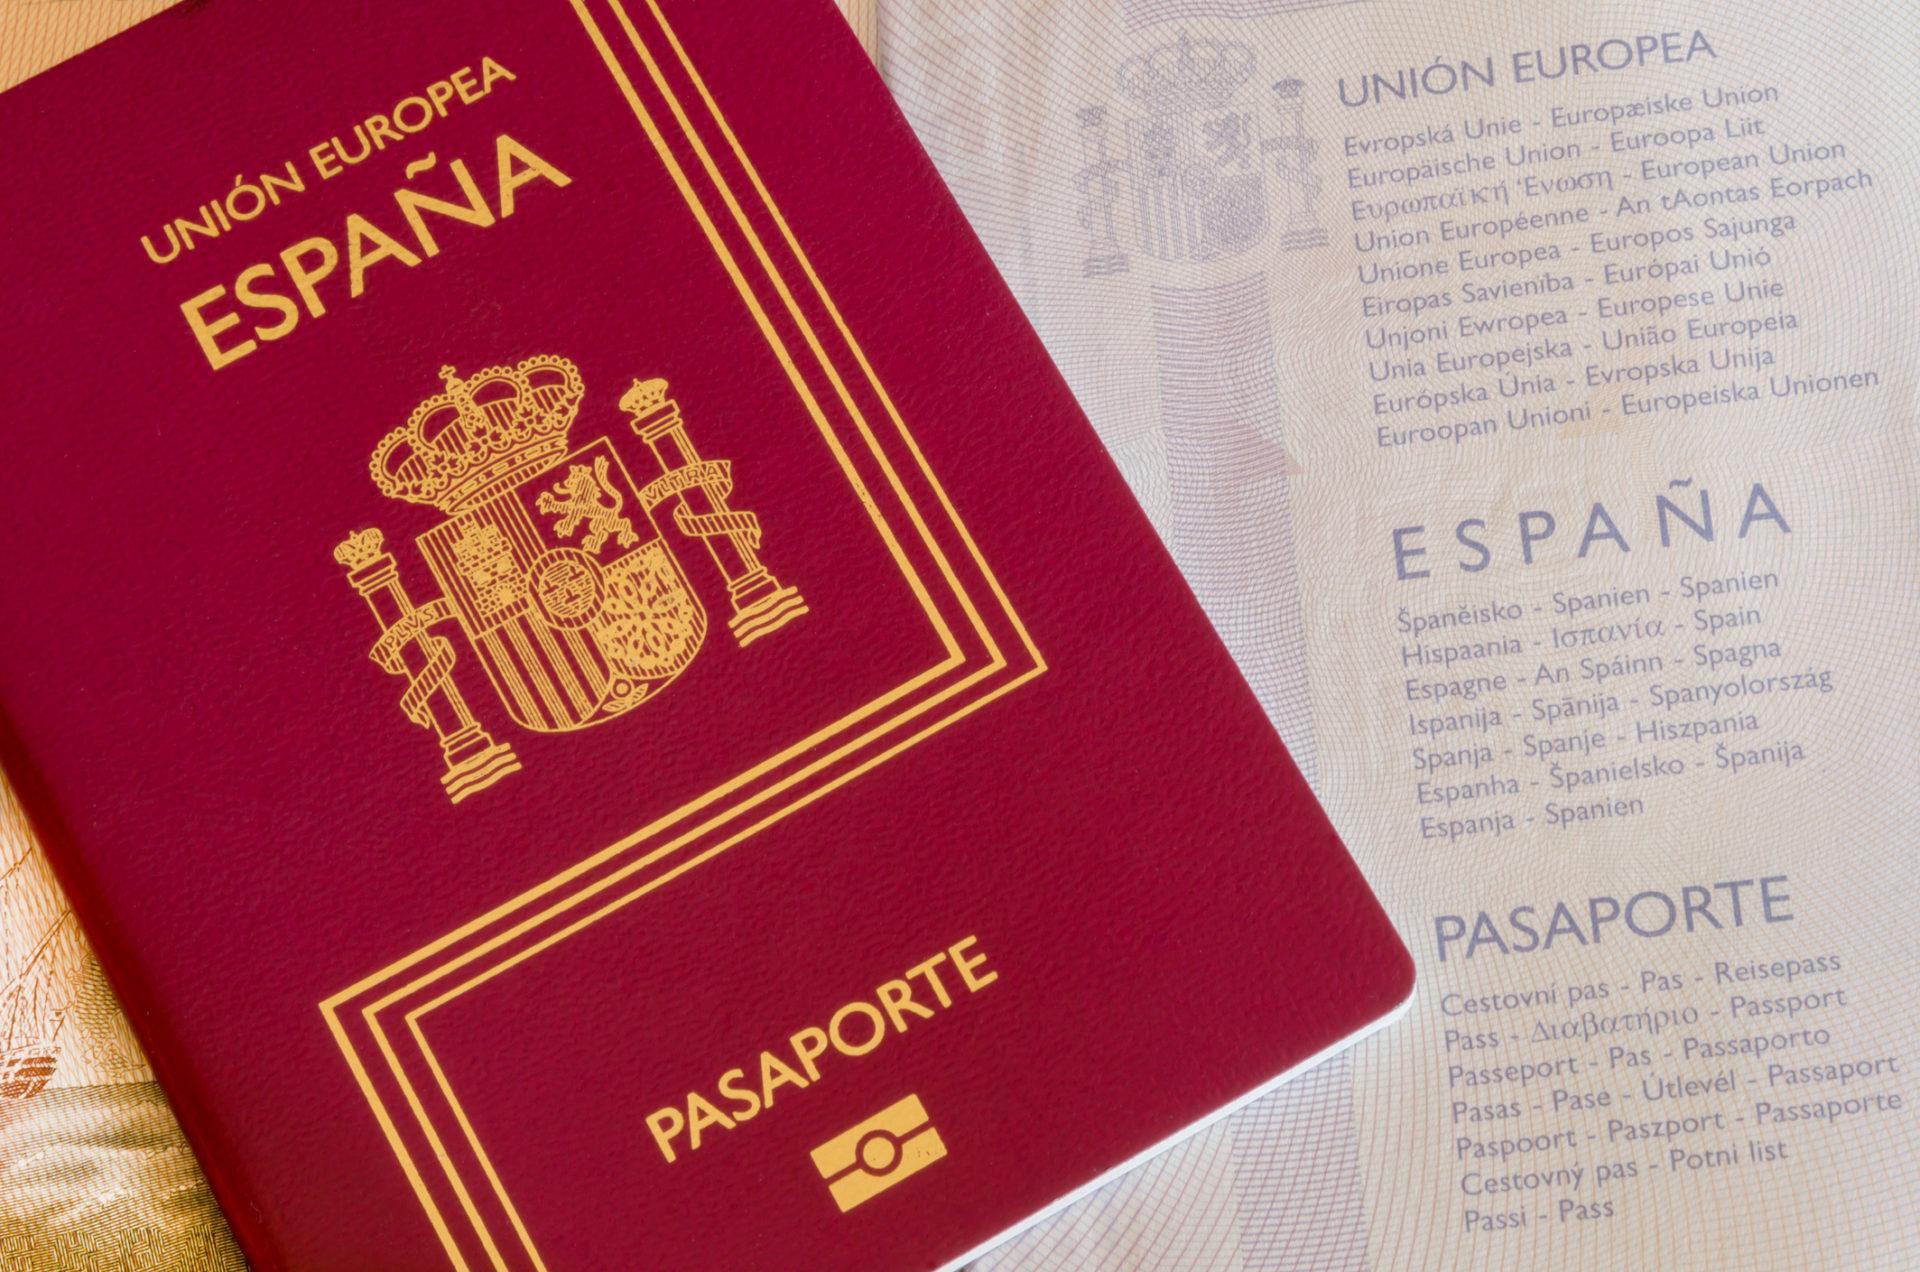 דרכון ספרדי לגירוש יהודי ספרד